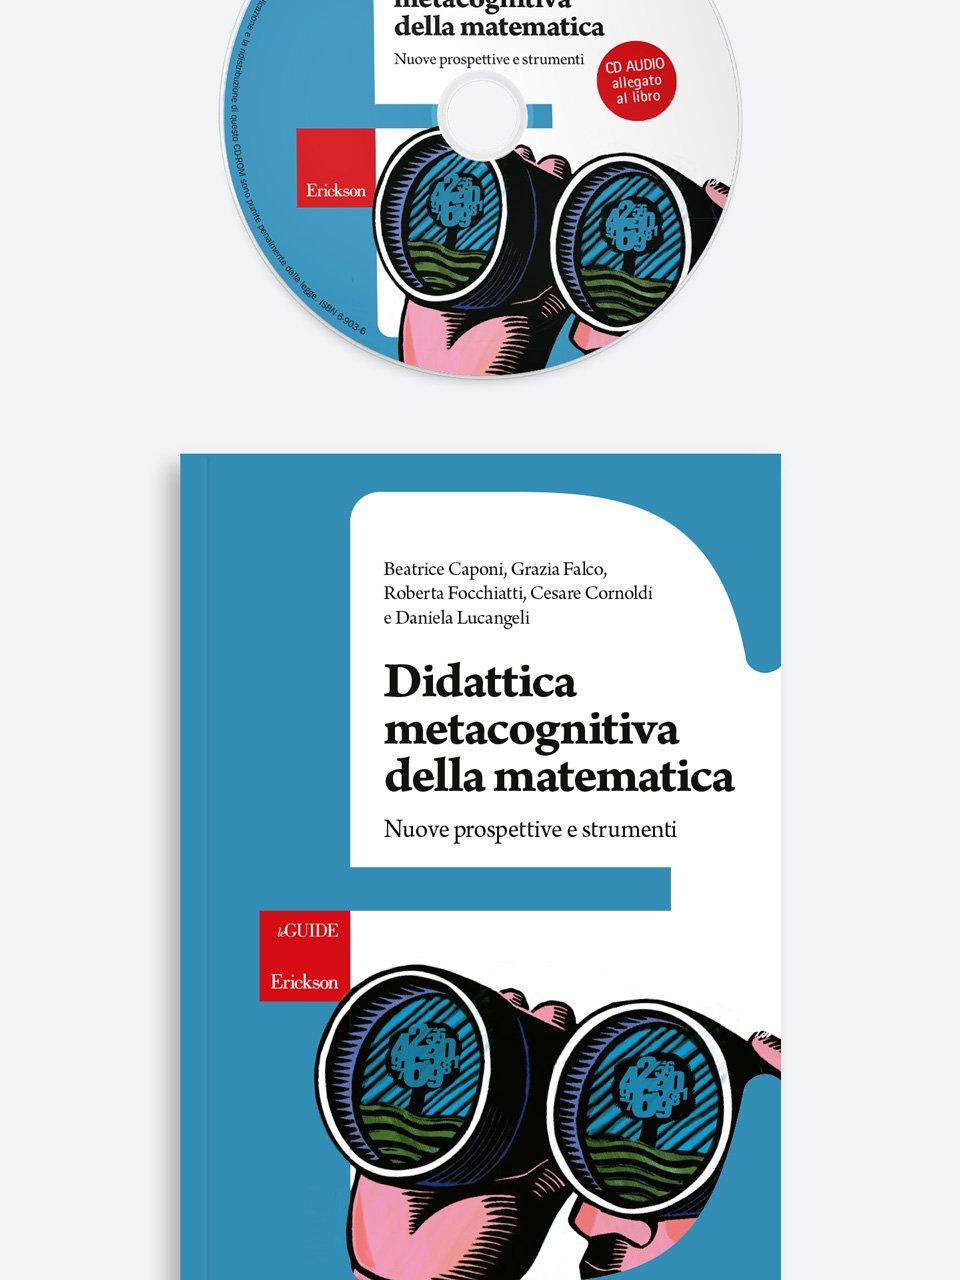 Didattica metacognitiva della matematica - Superare i test di ammissione - Libri - Erickson